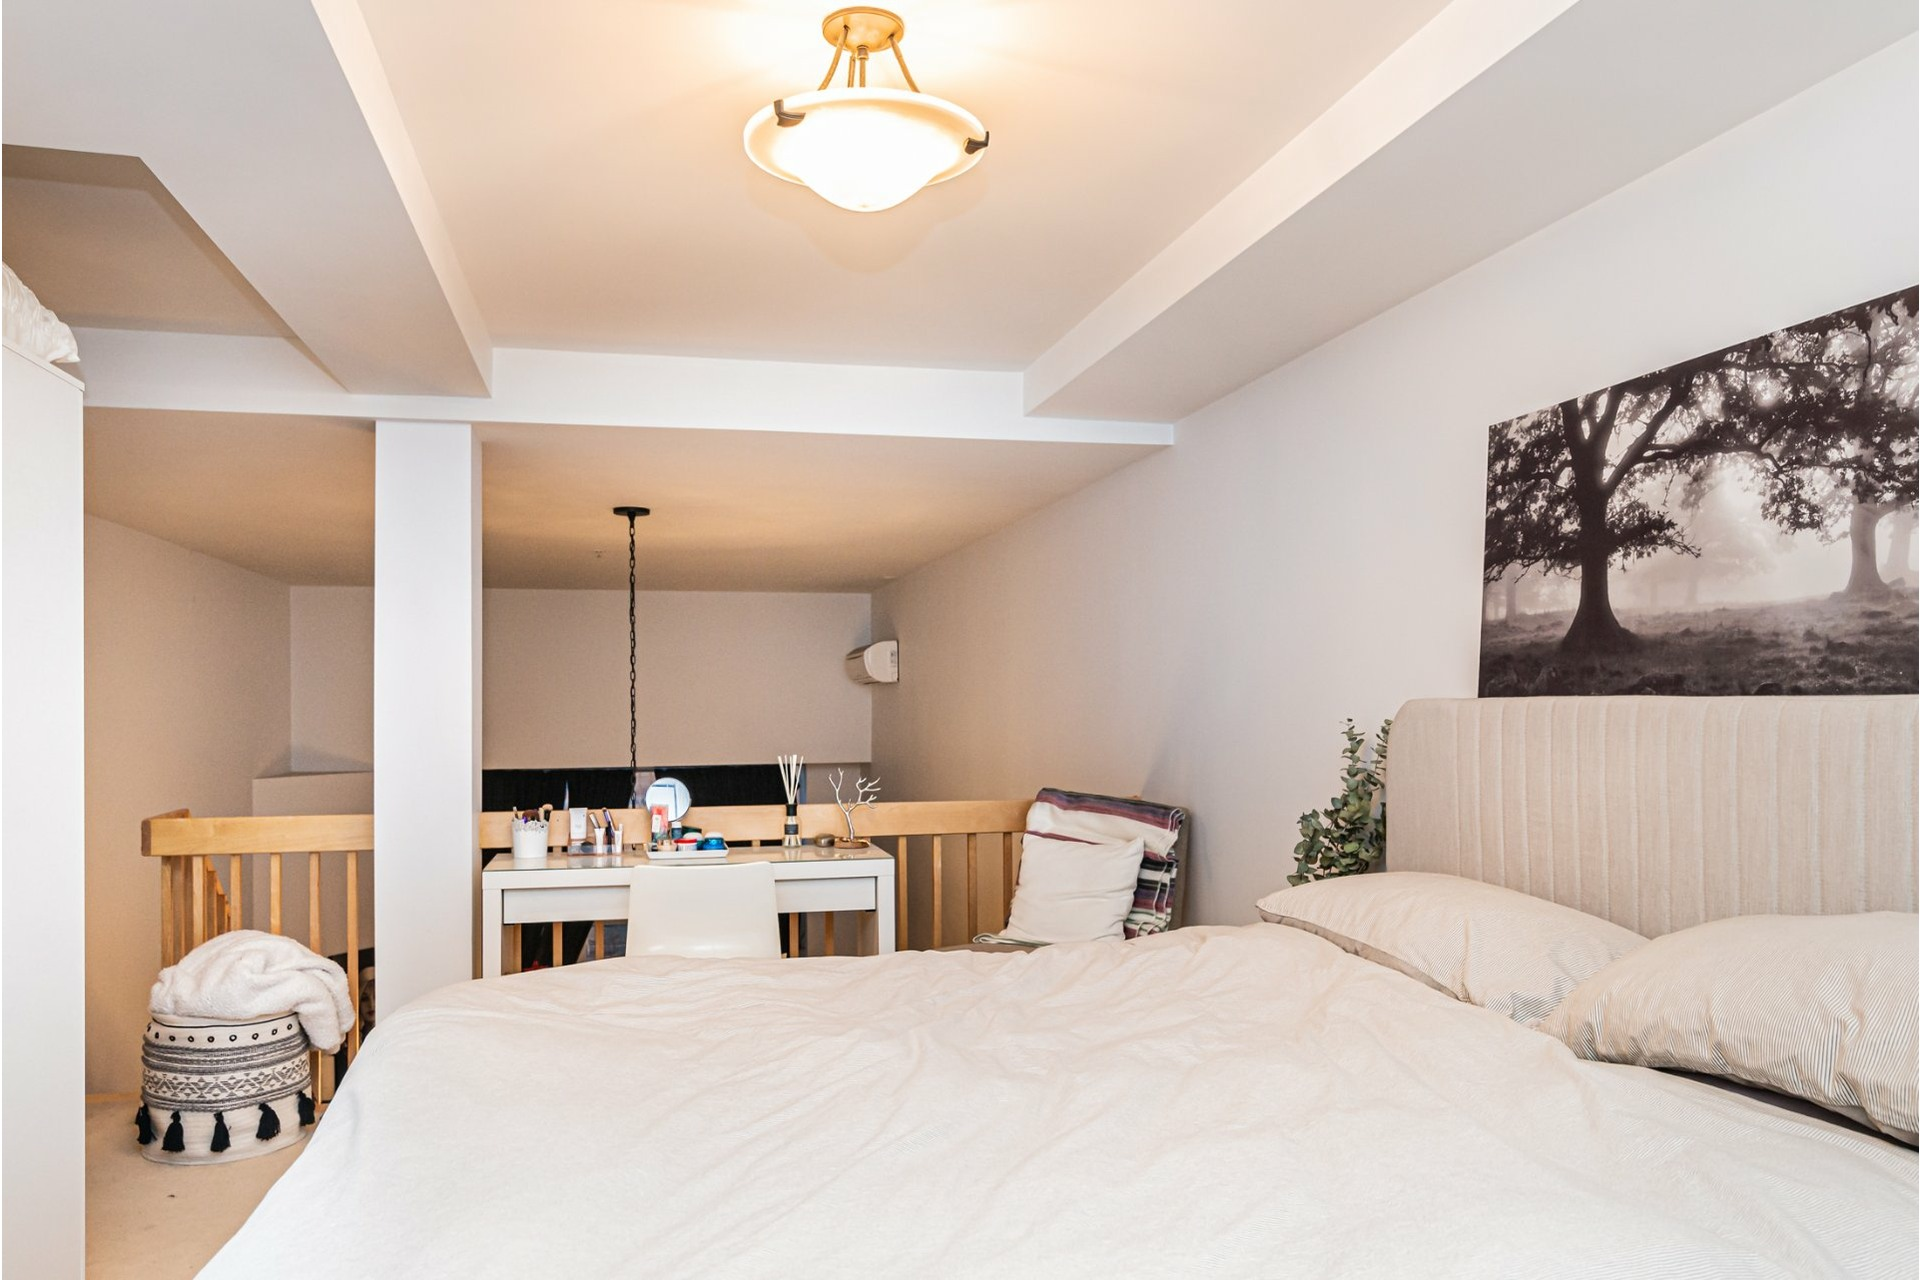 image 10 - Appartement À vendre Lachine Montréal  - 5 pièces